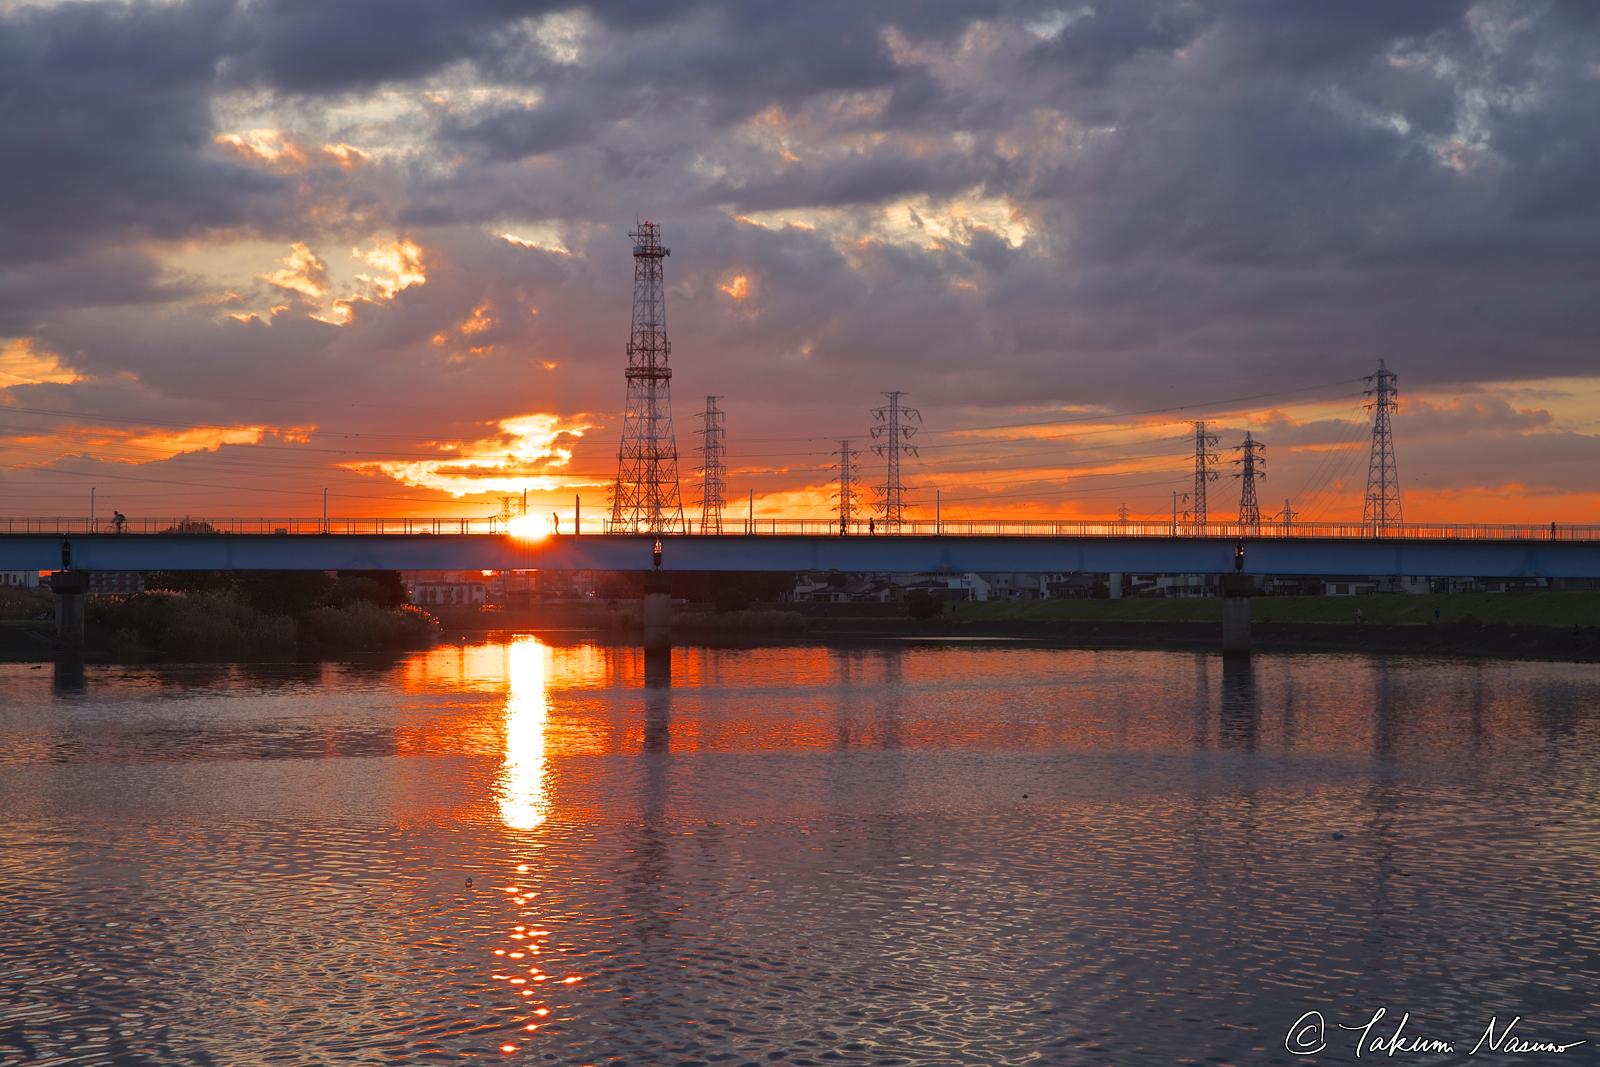 Tsurumi_Tsurumi-River_w15